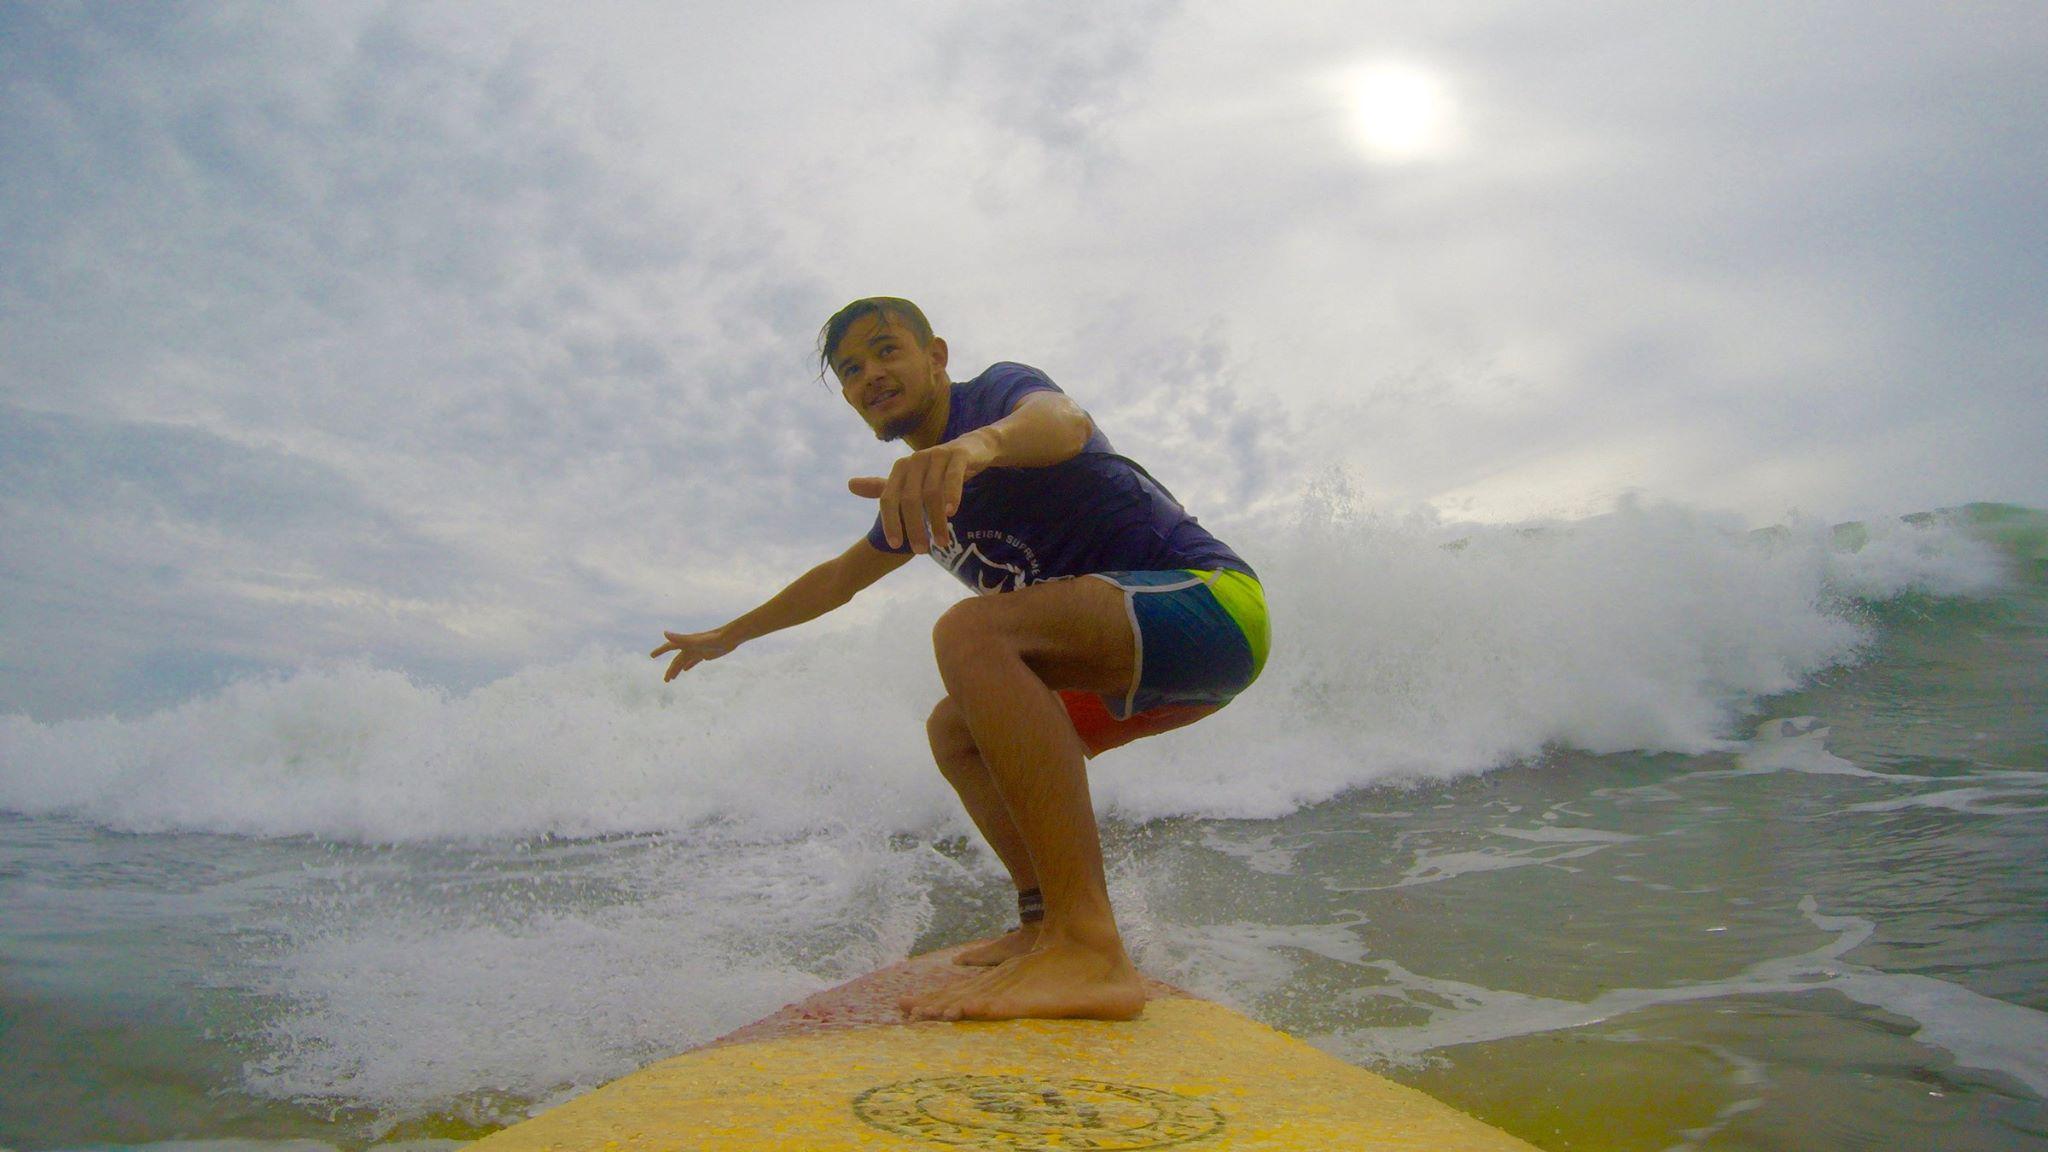 Андрей Азимов – Как запустить сайт для серферов, находясь на Бали, за 2 месяца и выйти в Топ на Product Hunt